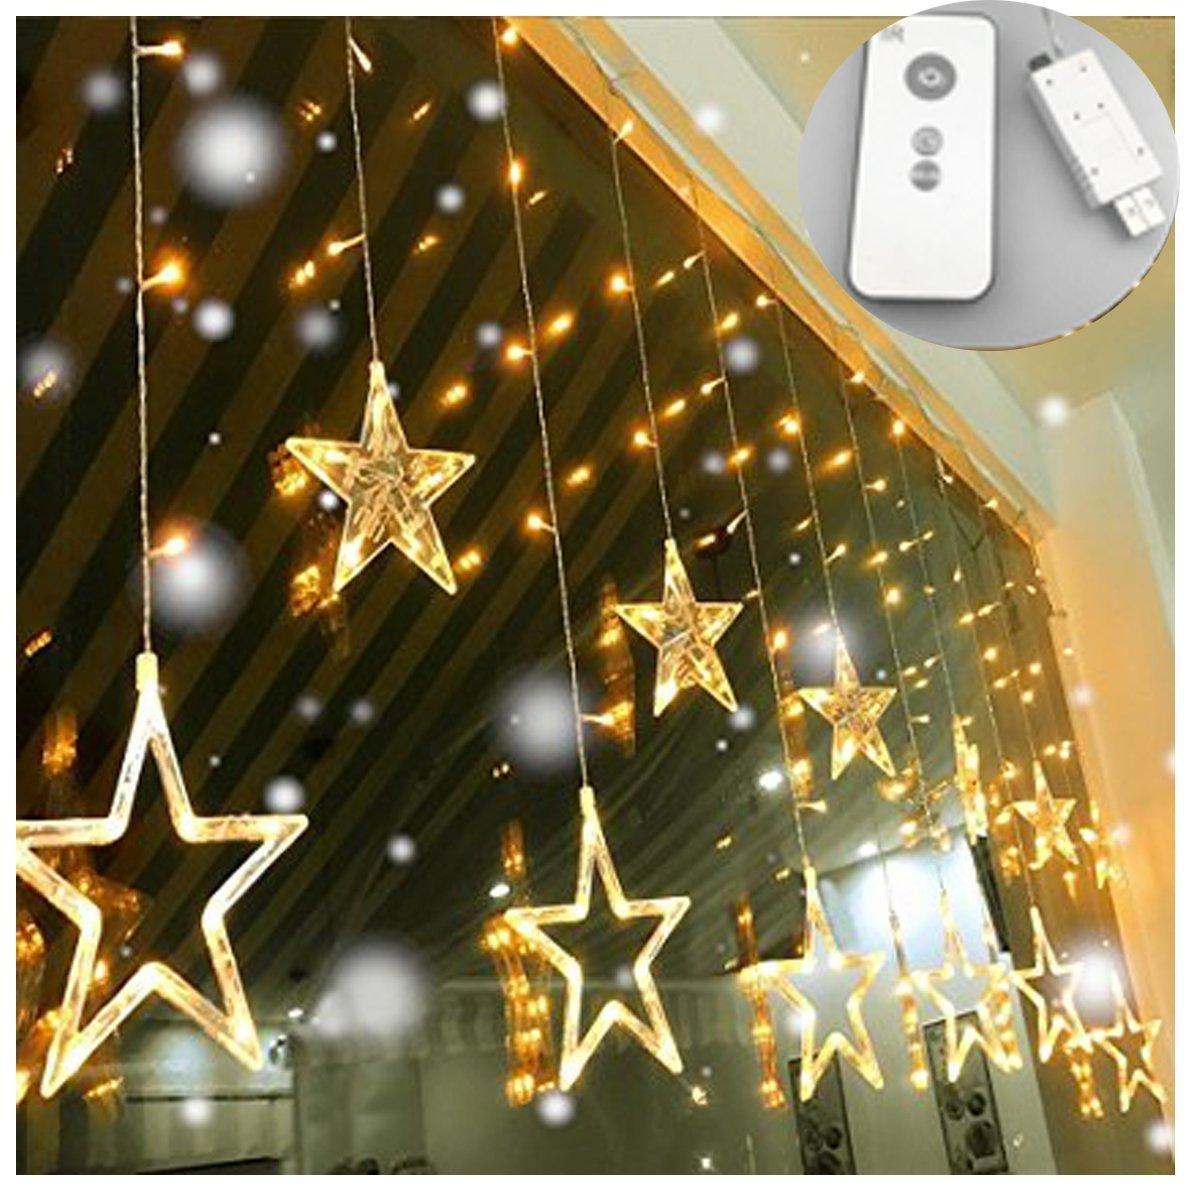 USB DC5V étoile Lumière Rideau de Noël LED , avec Télécommande 8 Mode Noël Guirlande Lumineuse Rideau Lumineux de Noël décoration lampe lumière blanc chaud